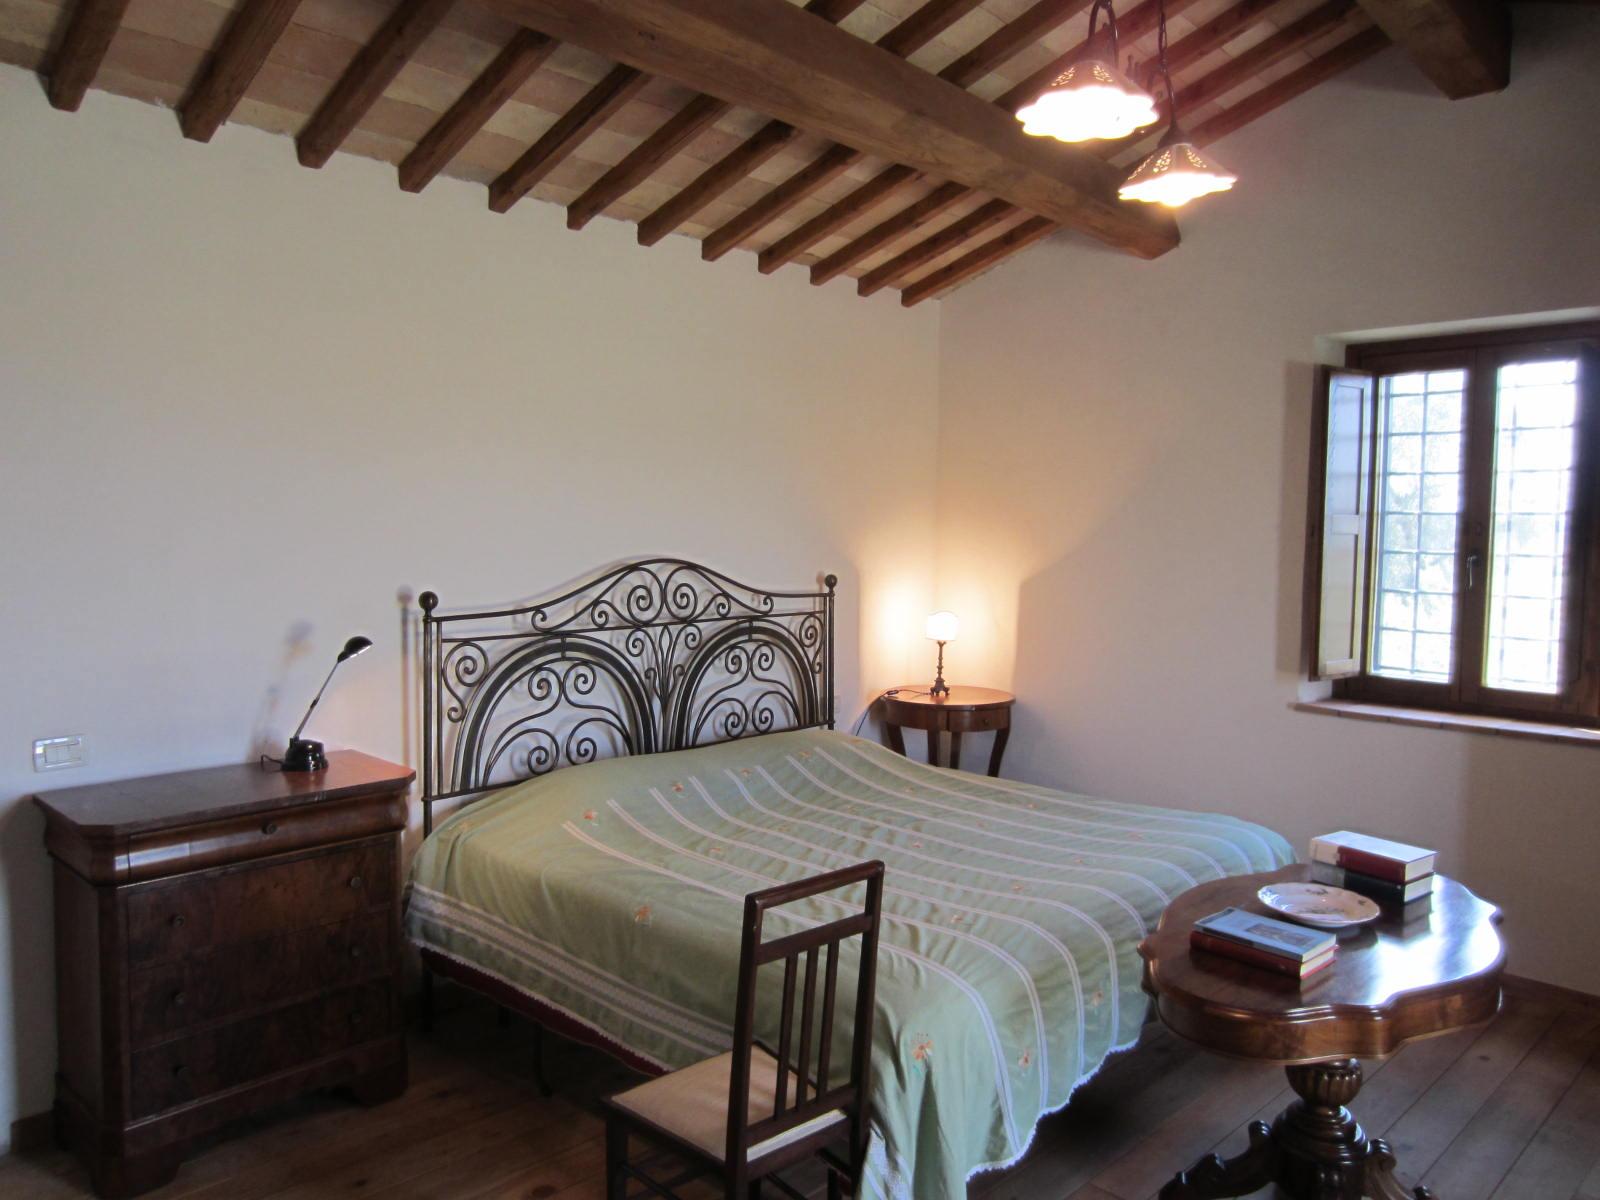 affitto villa campagna calvi dell umbria 8263 (20140313120337-2014-67014-NDP.JPG)